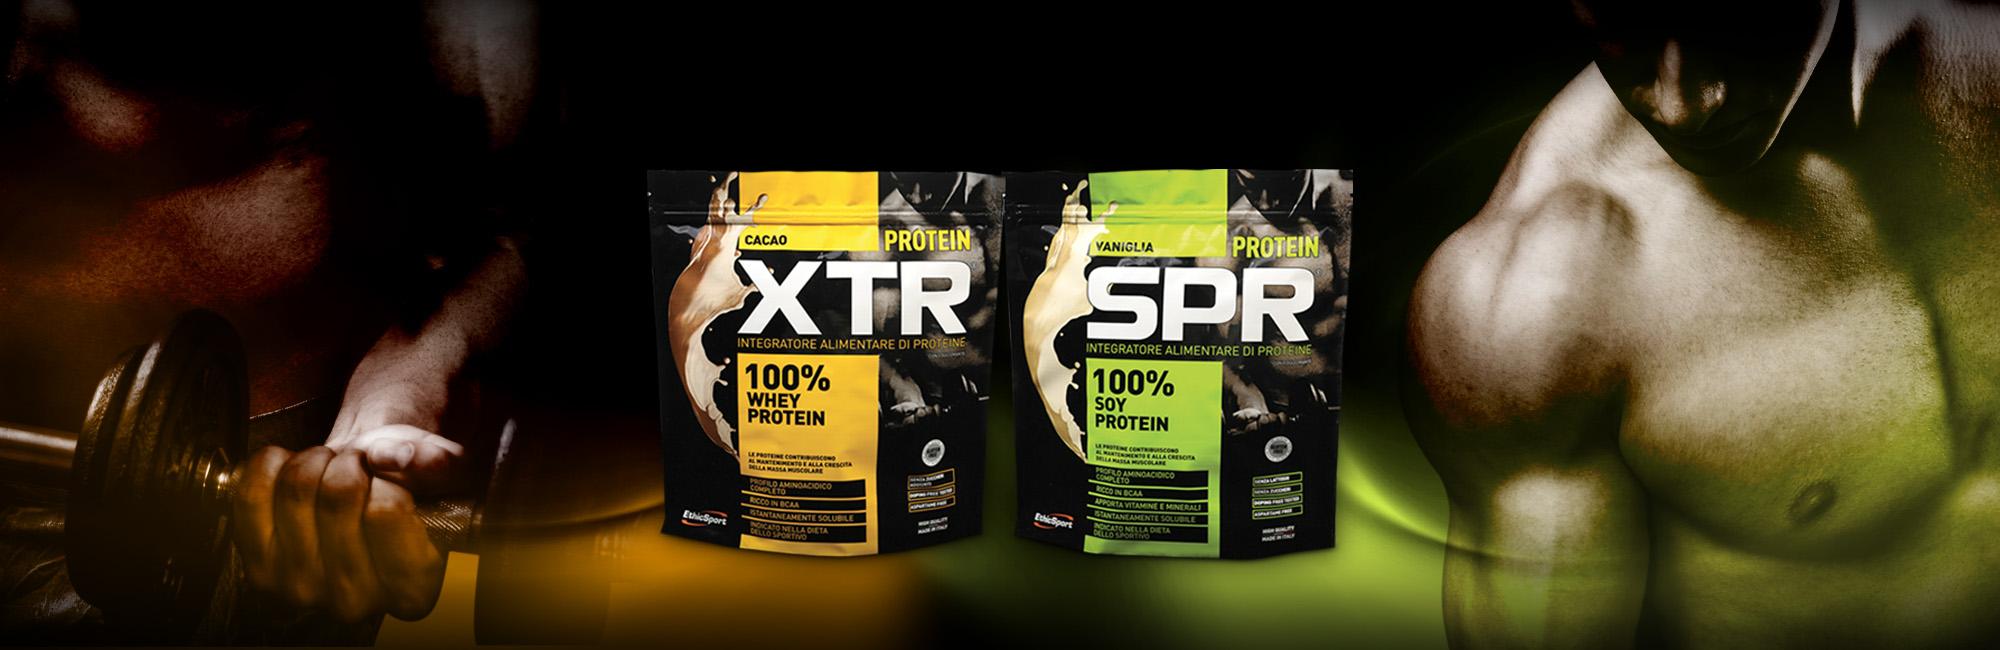 EthicSport - profesionální sportovní výživa - proteiny